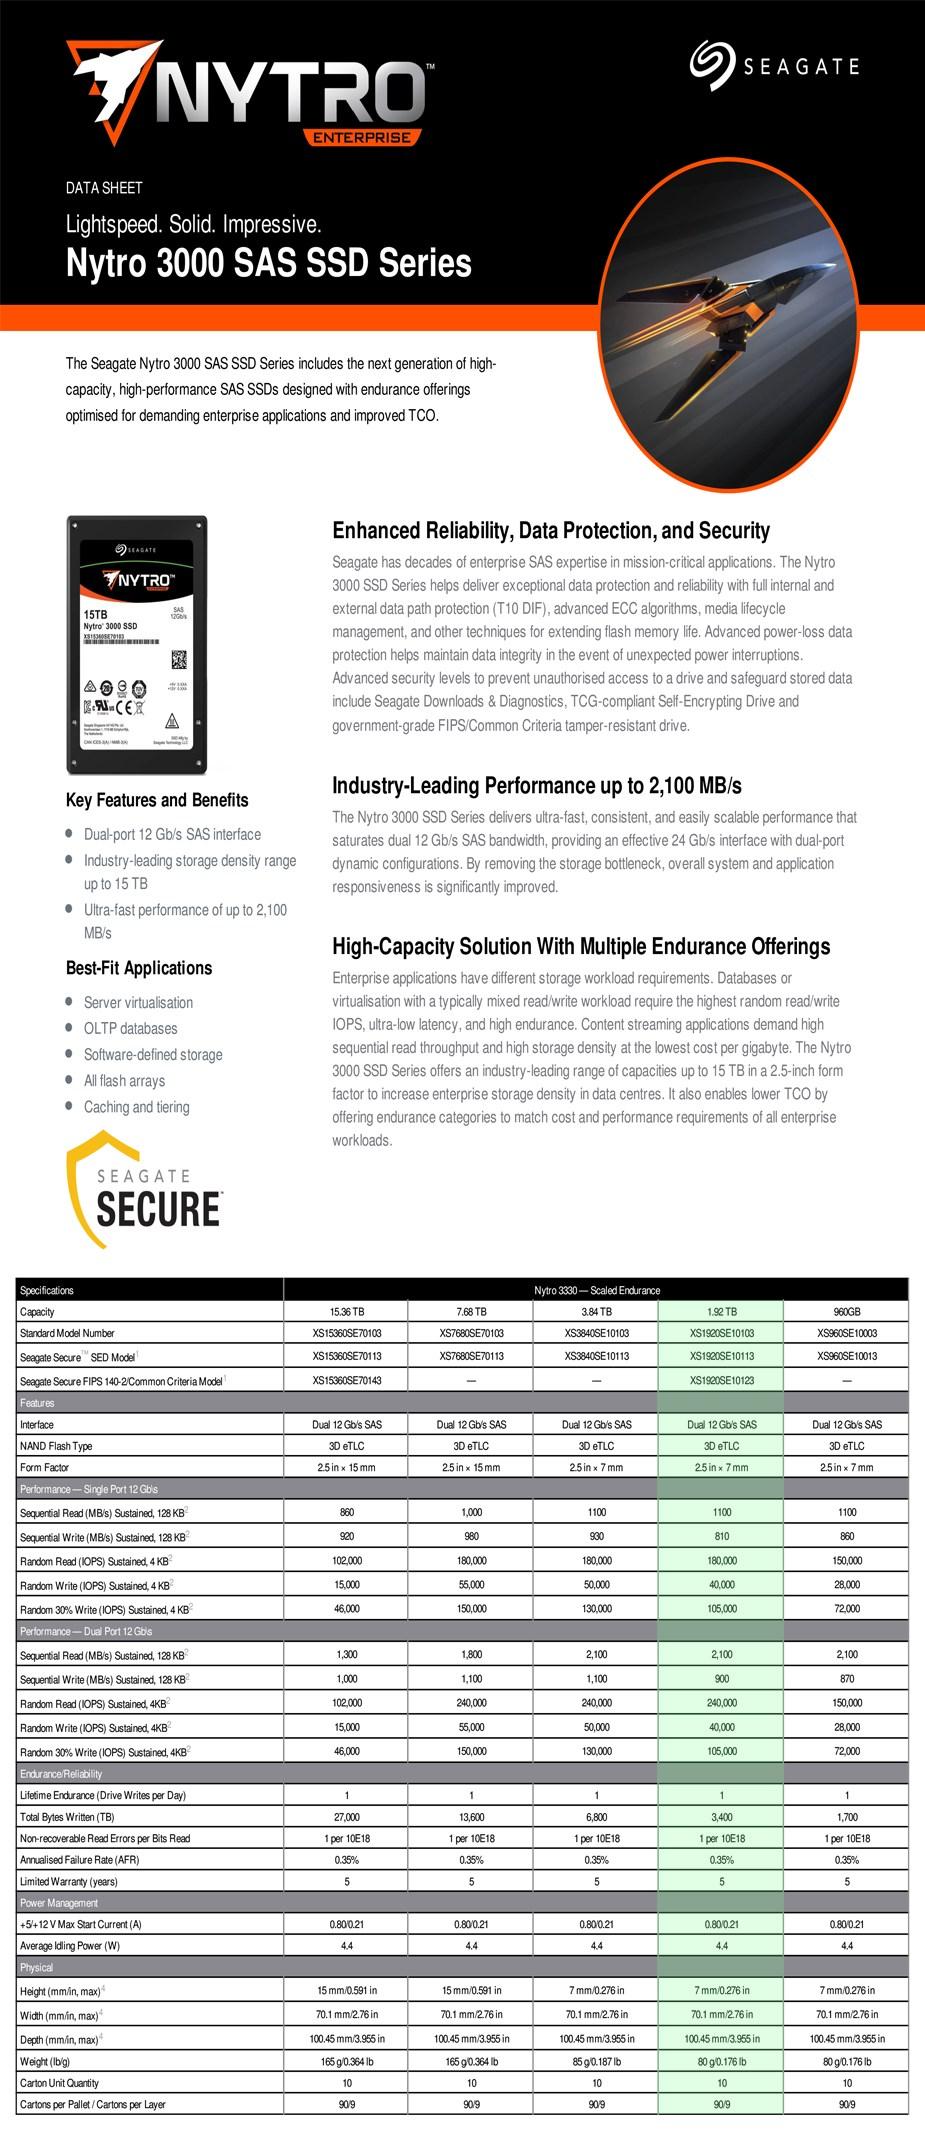 """Seagate Nytro 3330 XS1920SE10103 1.92TB 2.5"""" SAS Enterprise SSD - Desktop Overview 1"""